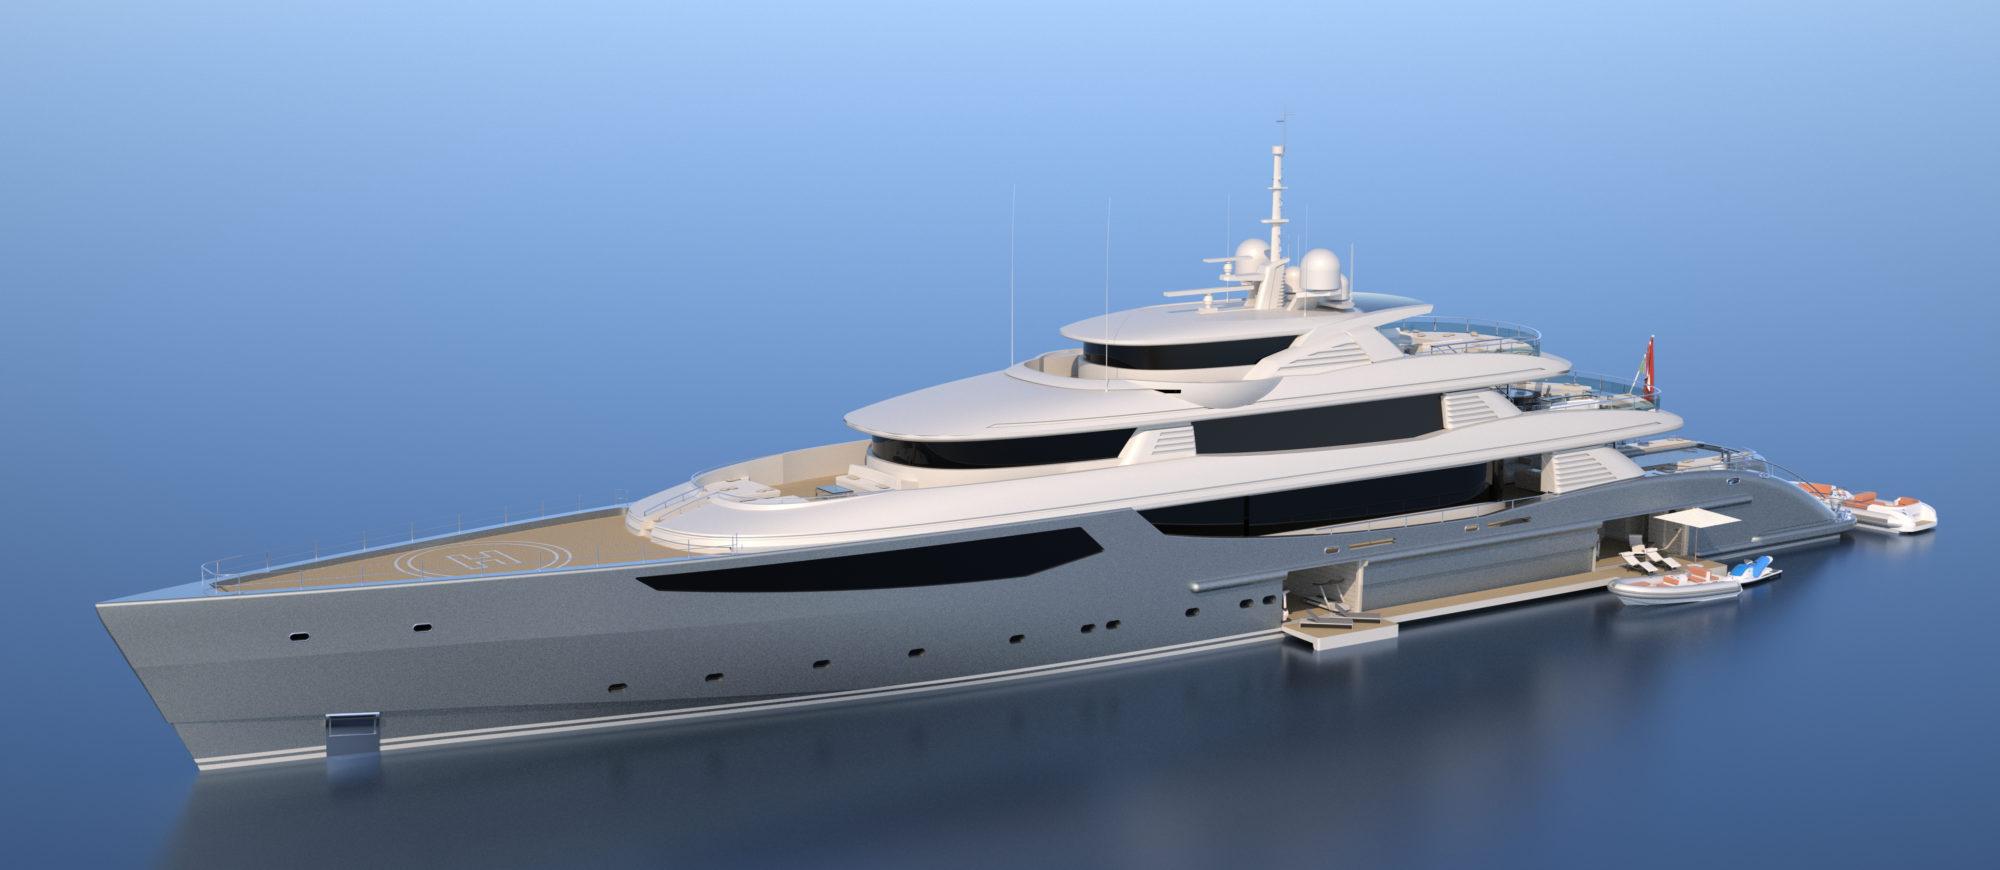 Conrad-C233-Superyacht-Concept-Vallicelli-Visualisation-Exterior 5